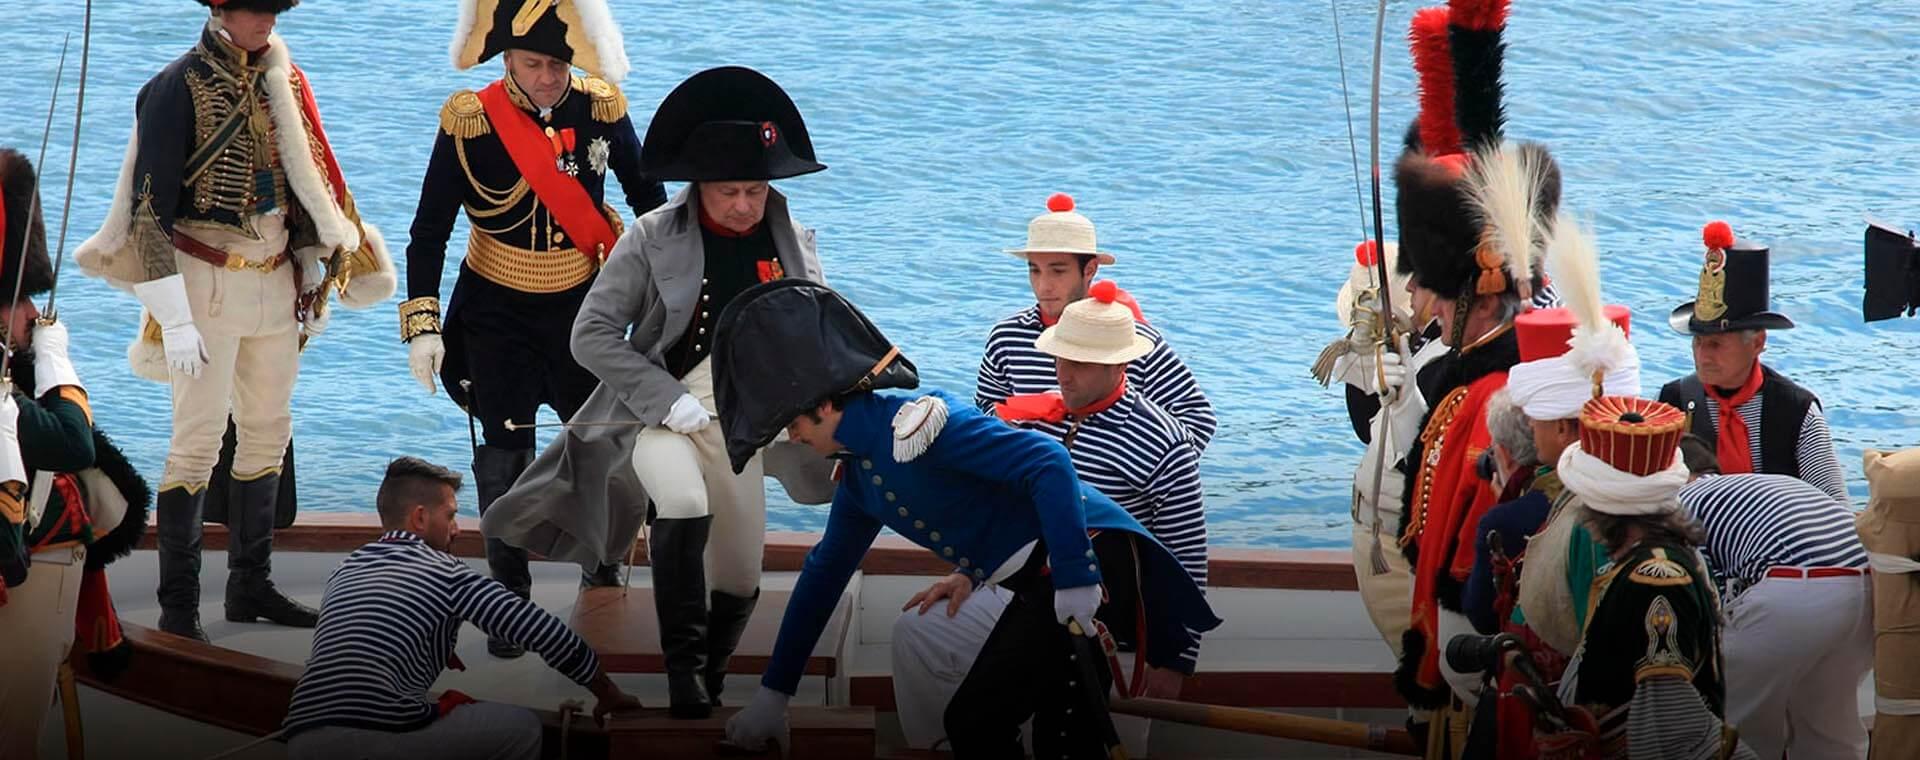 Один день с Наполеоном I Бонапартом - экскурсии с гидом Ирина Лихота